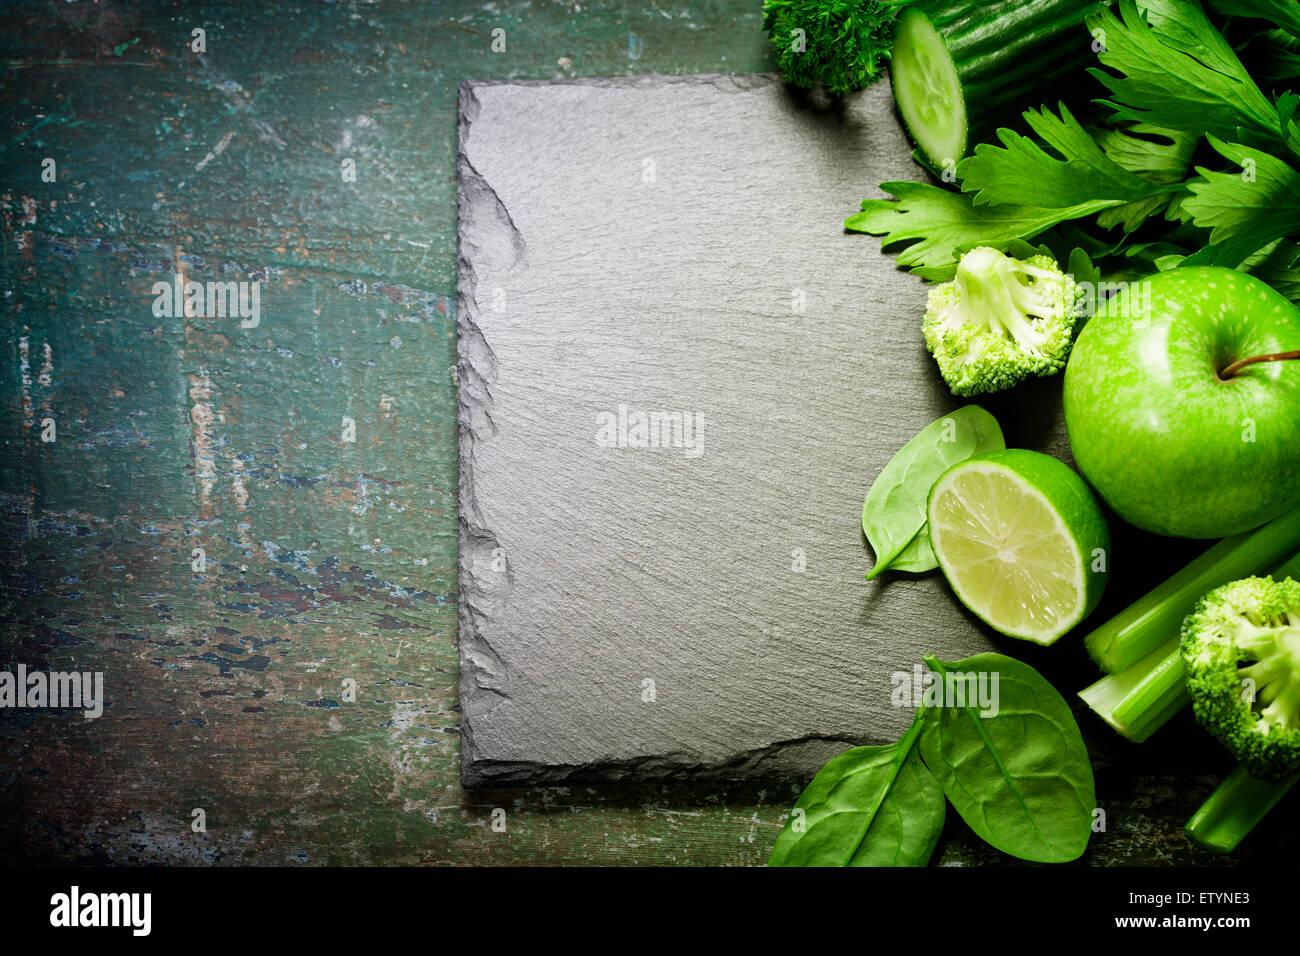 Frisches grünes Gemüse auf Vintage-Hintergrund - Entgiftung, Ernährung oder gesunde Ernährung Stockbild